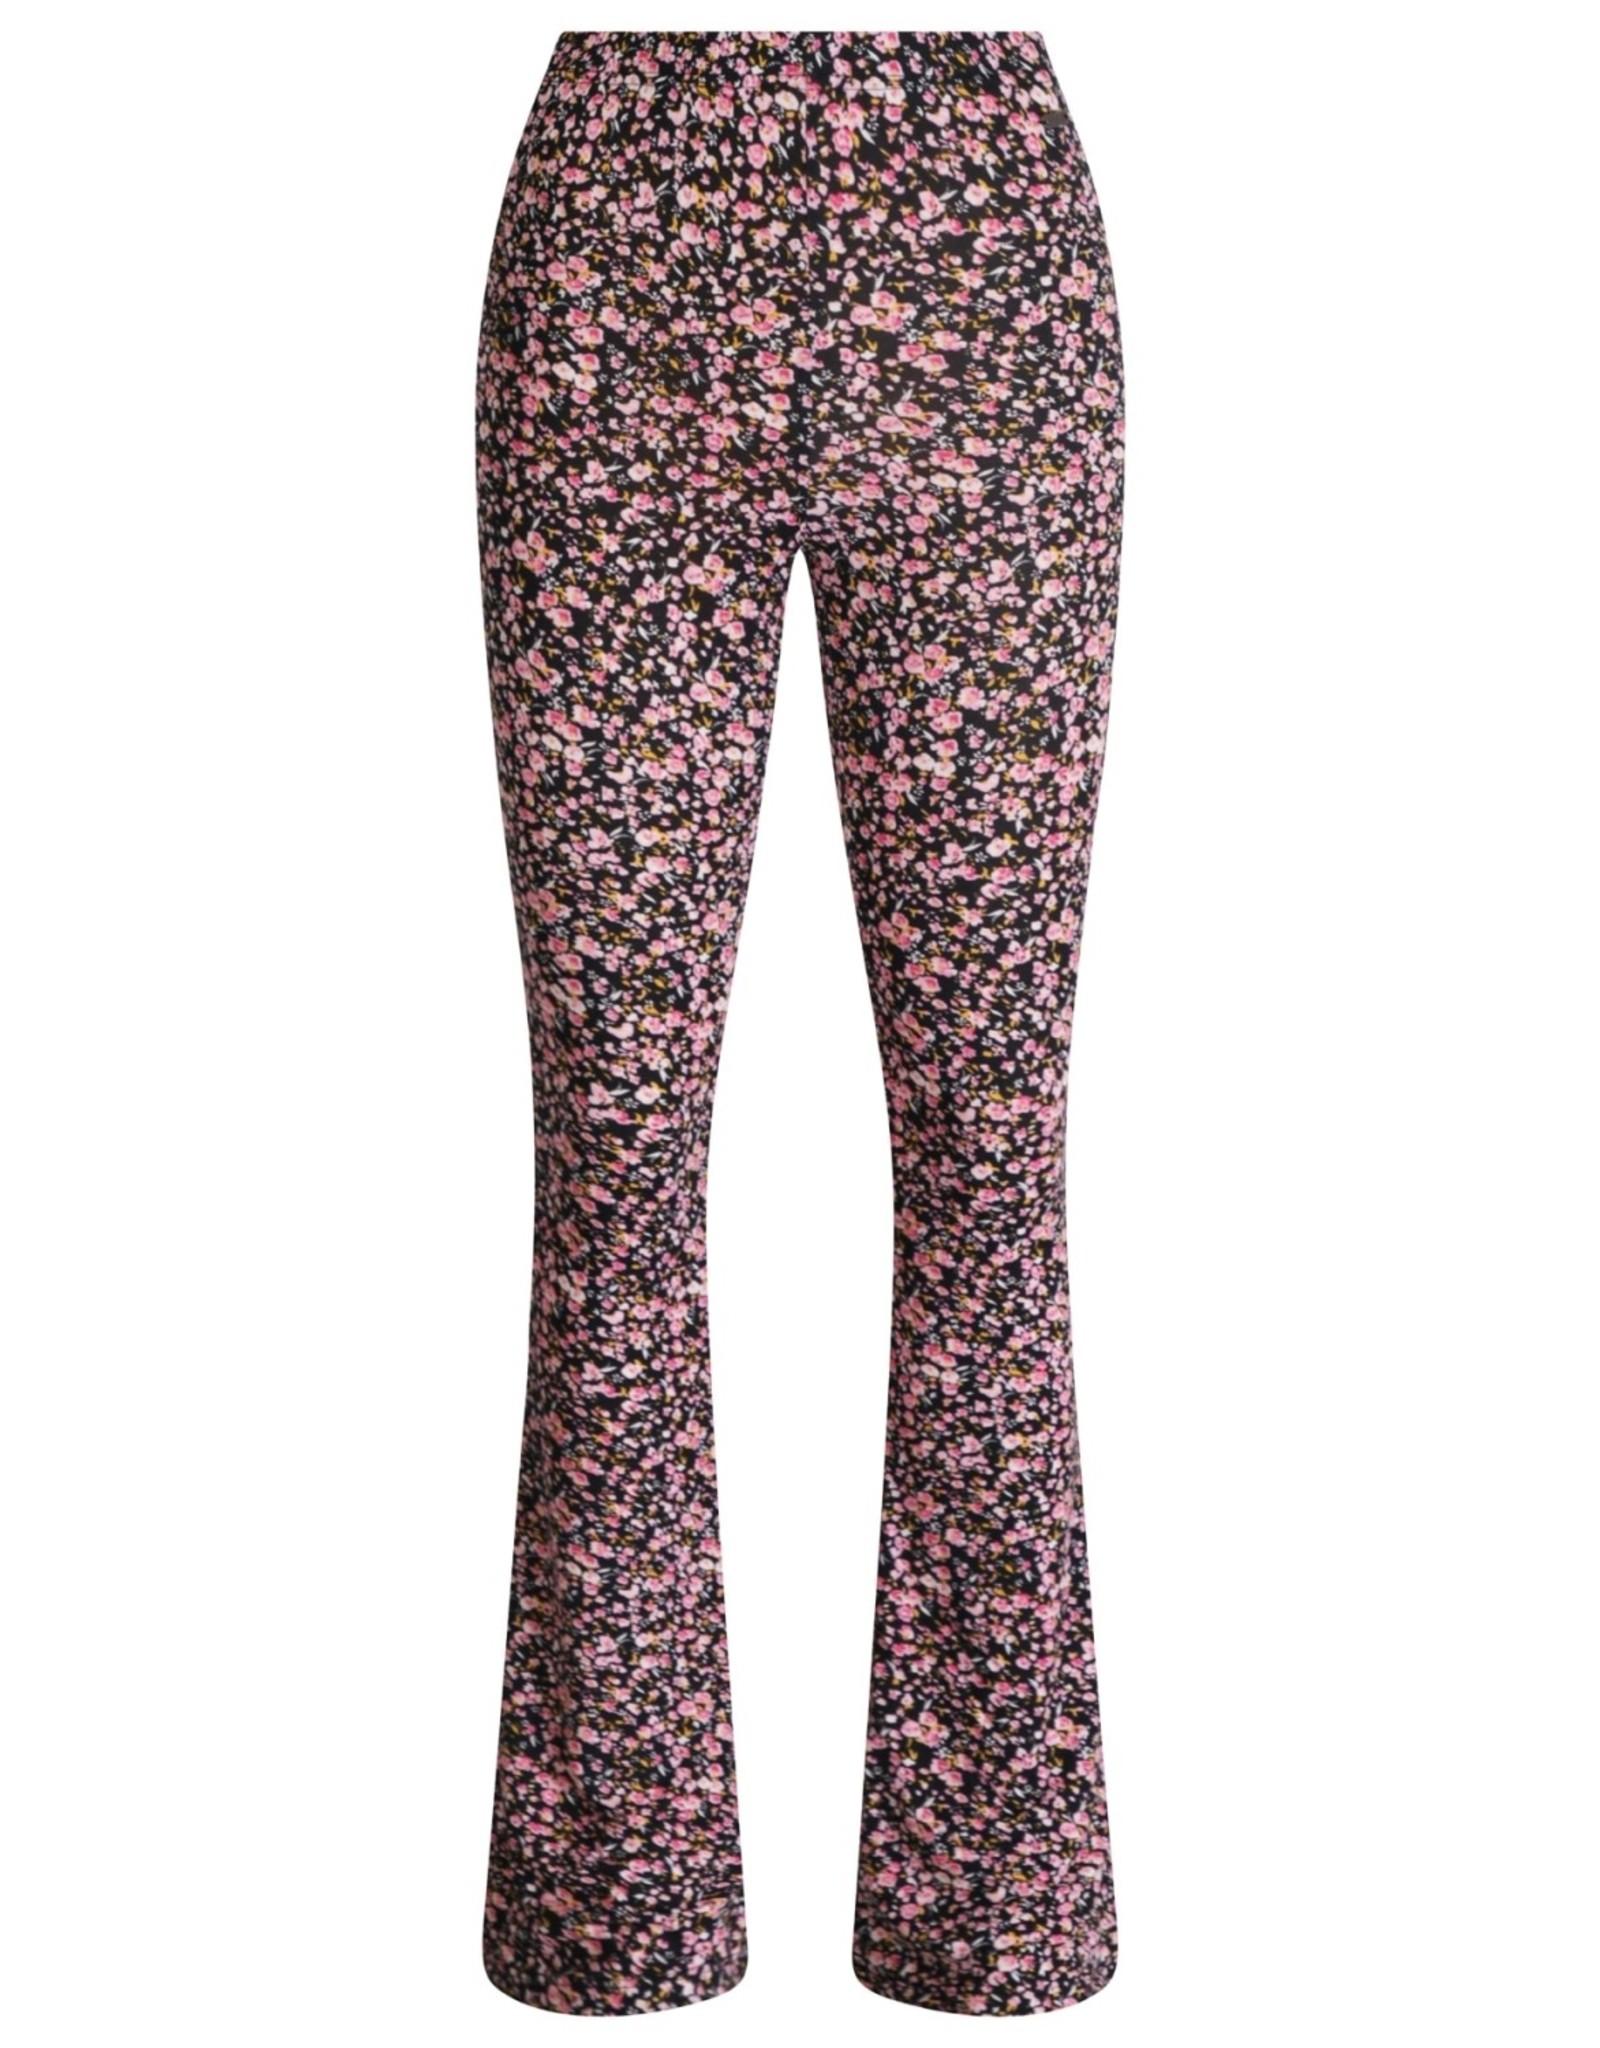 Ladybugs Elin soft flared pants ambika PINK FLOWERS